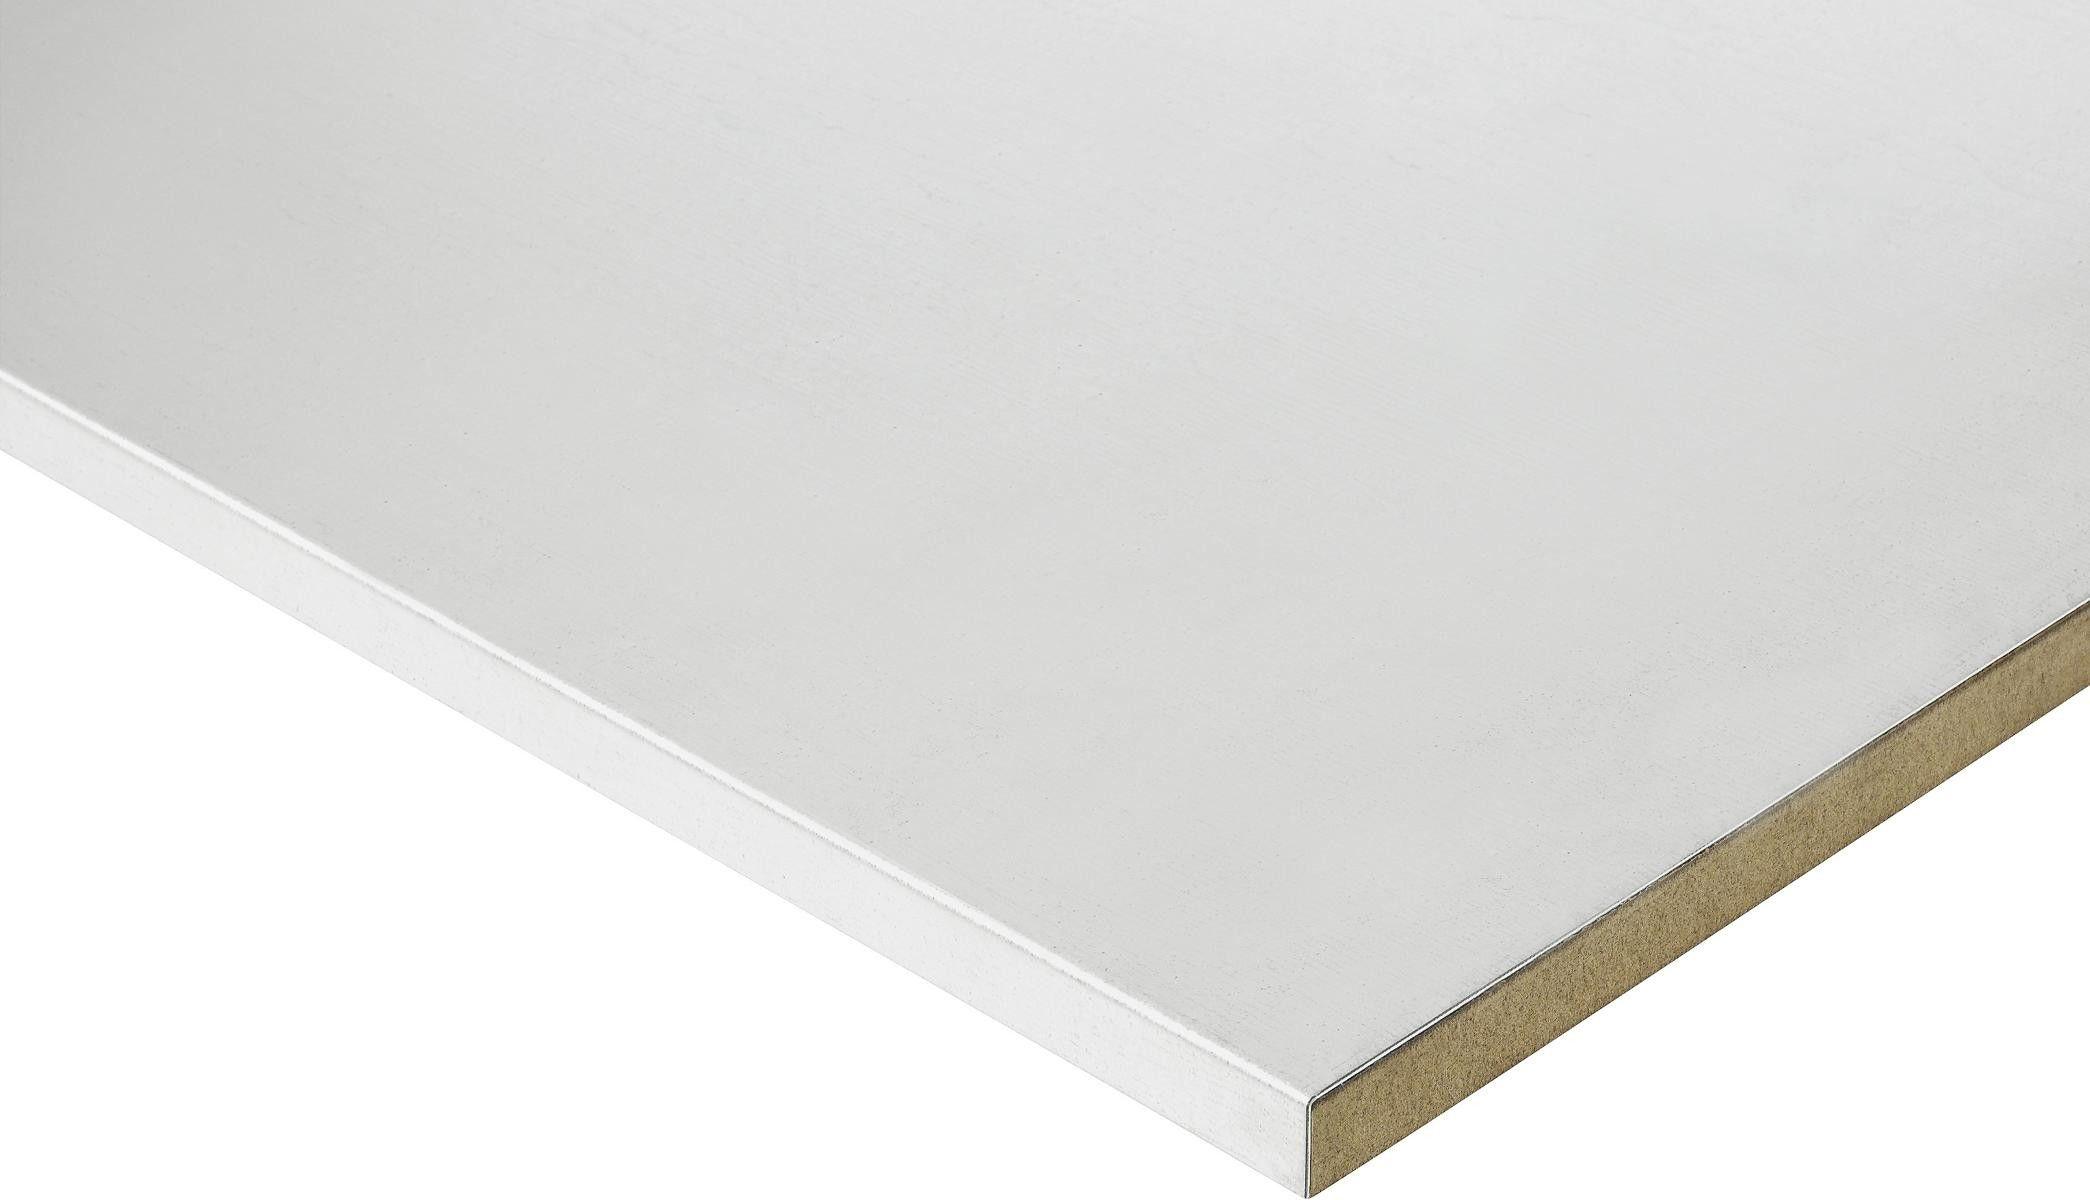 Arbeitsplatte Mit Stahlblechbelag 750x1000mm In 2020 Arbeitsplatte Stahl Stahlblech